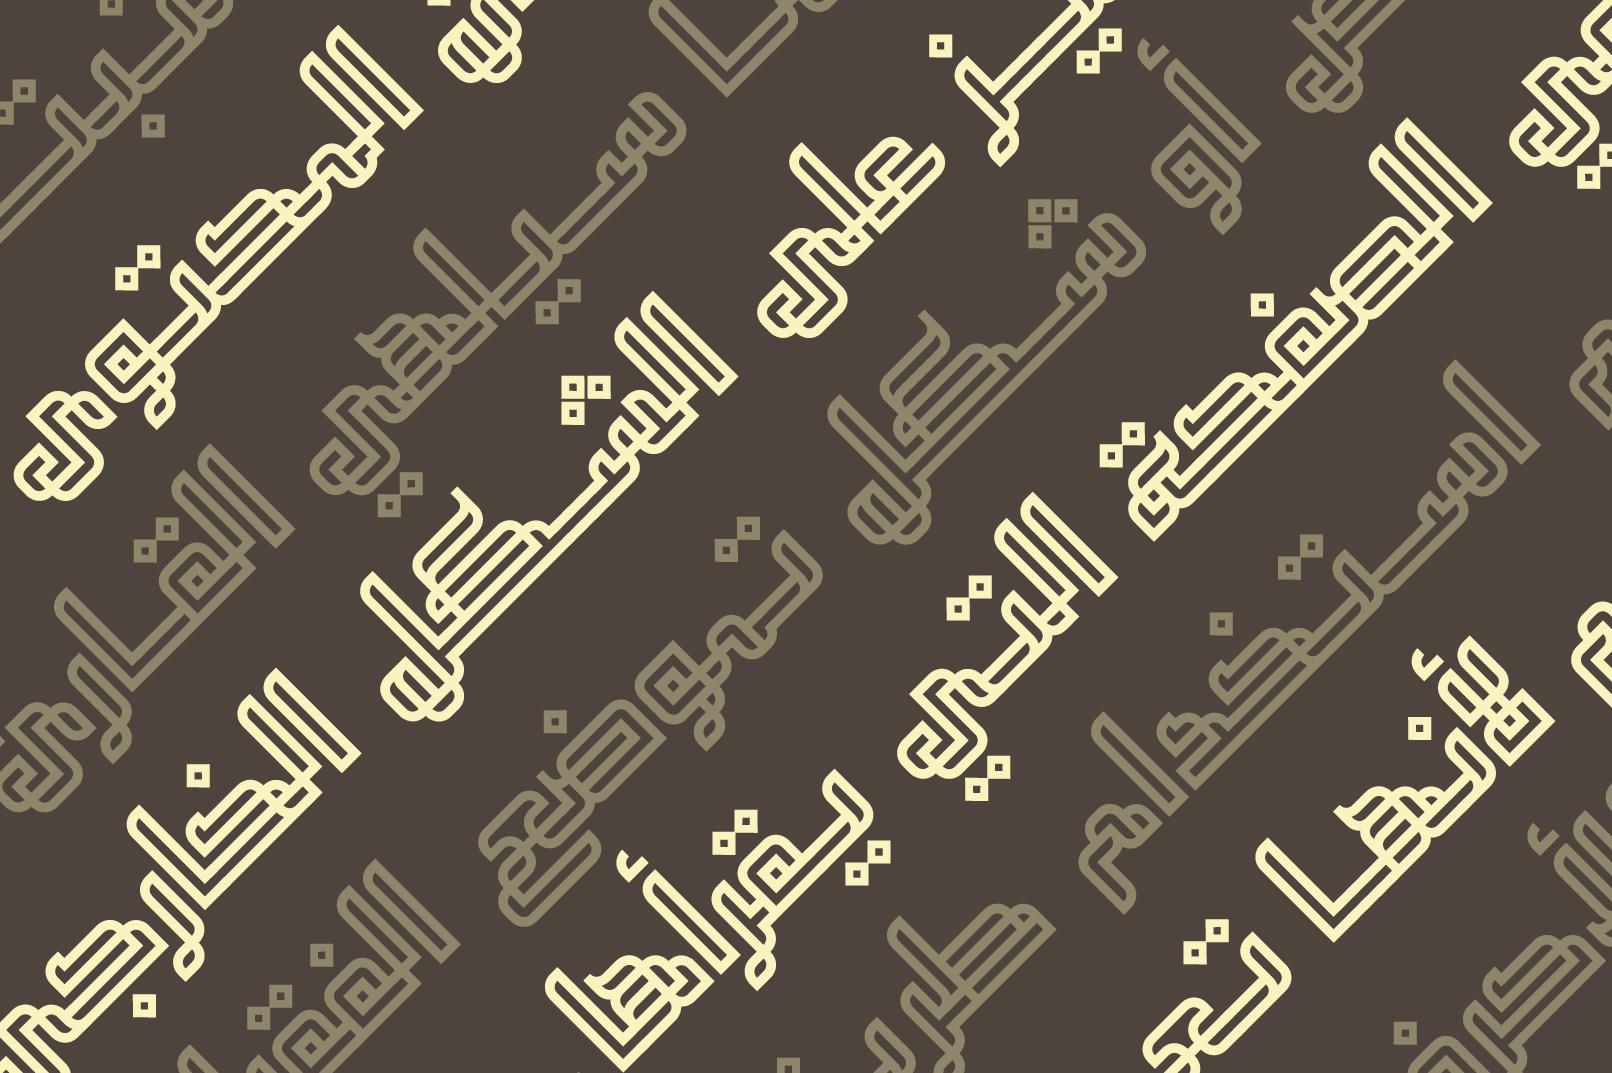 Tashabok - Arabic Font example image 7